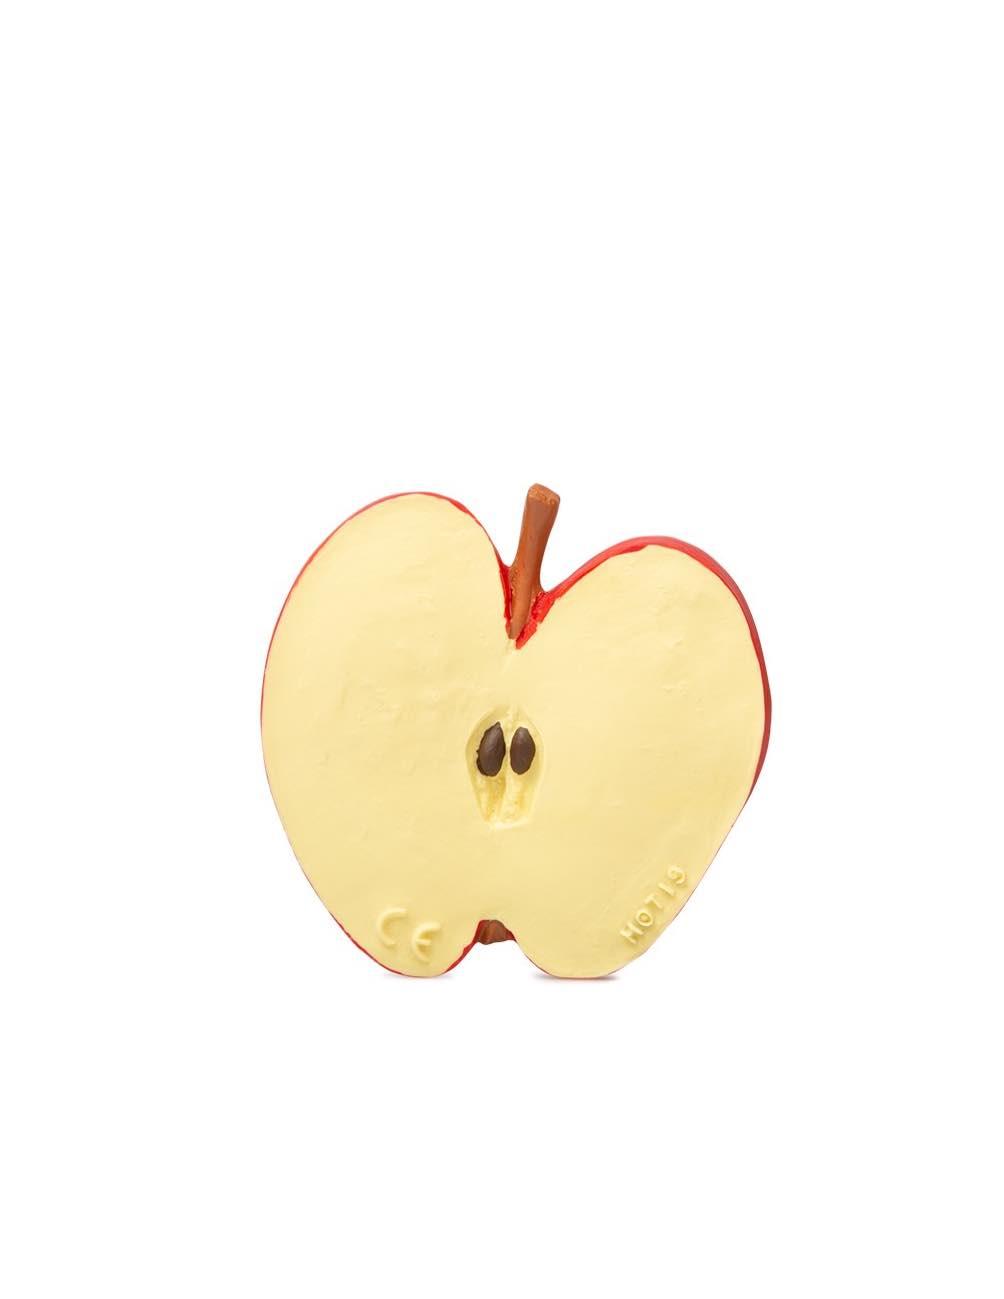 Tuggleksak Petita The Apple